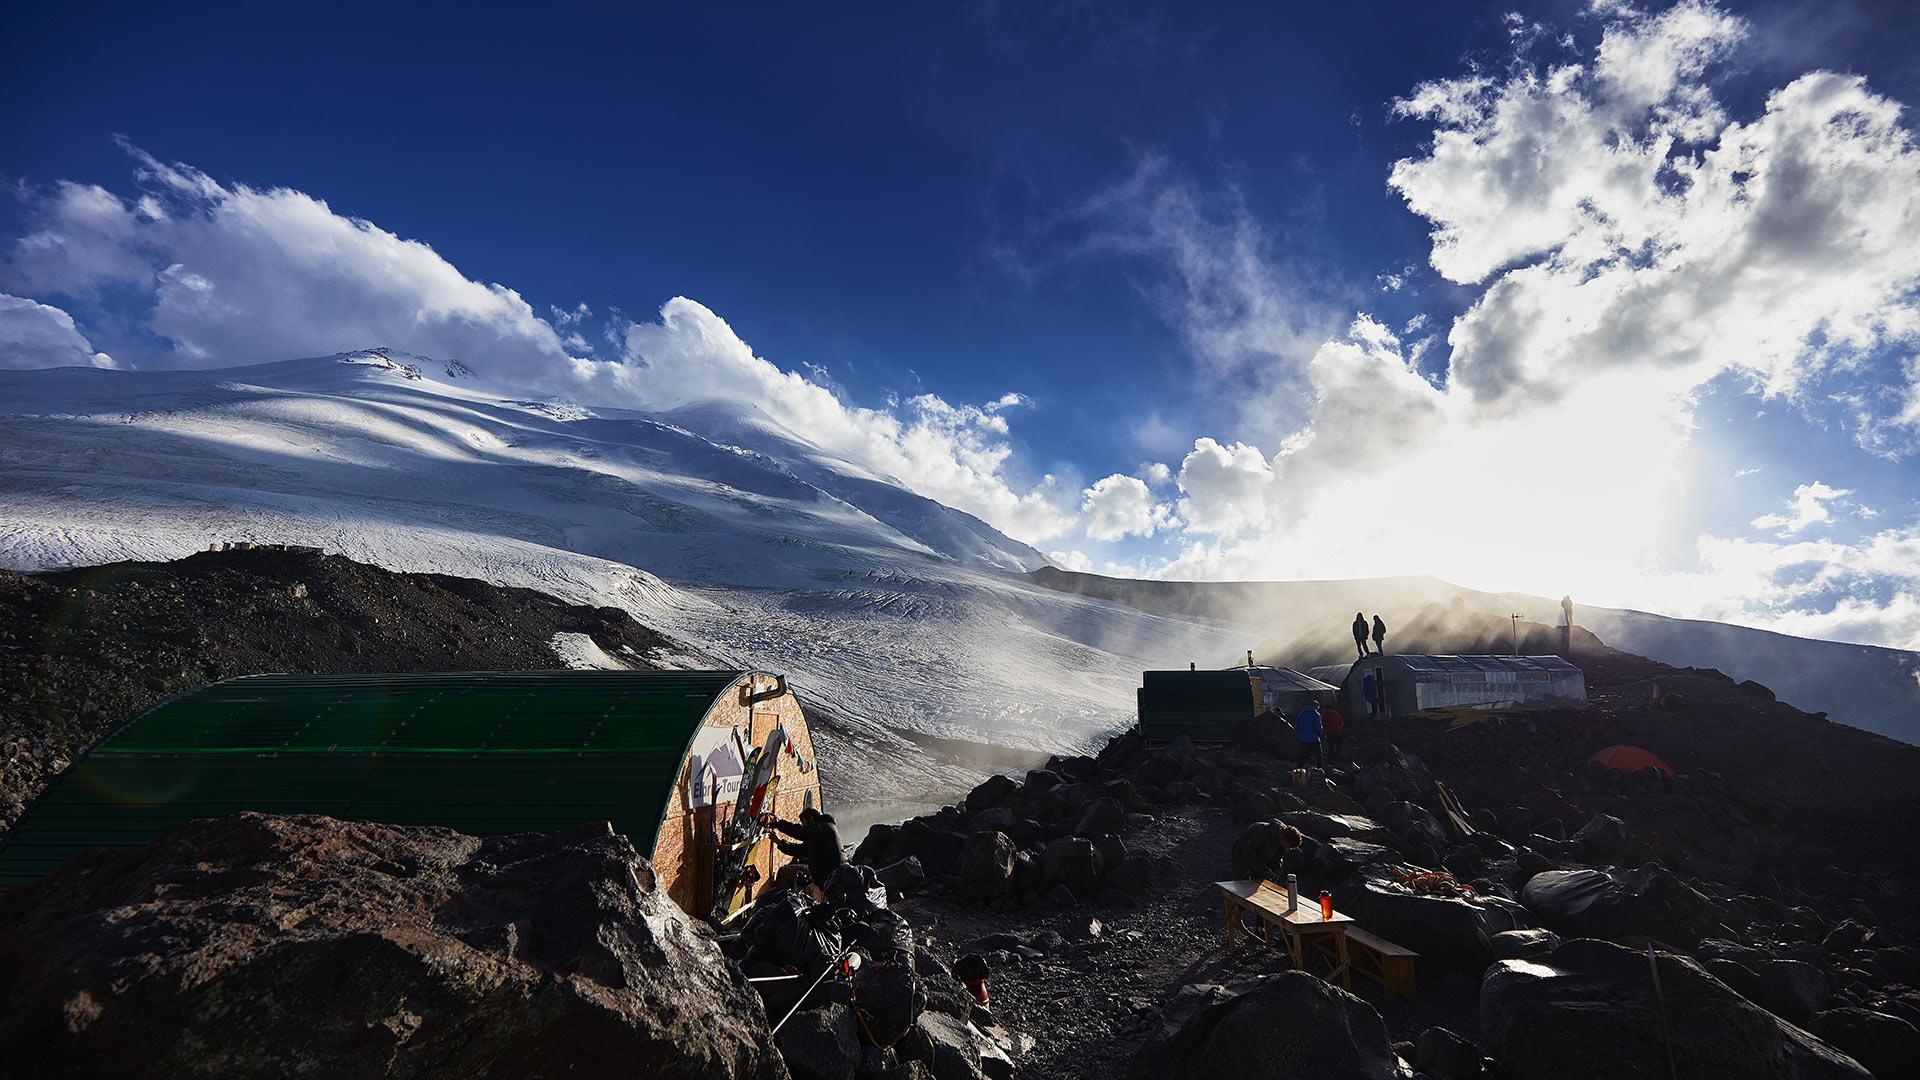 Elbrus - Camp 1 / 3800m